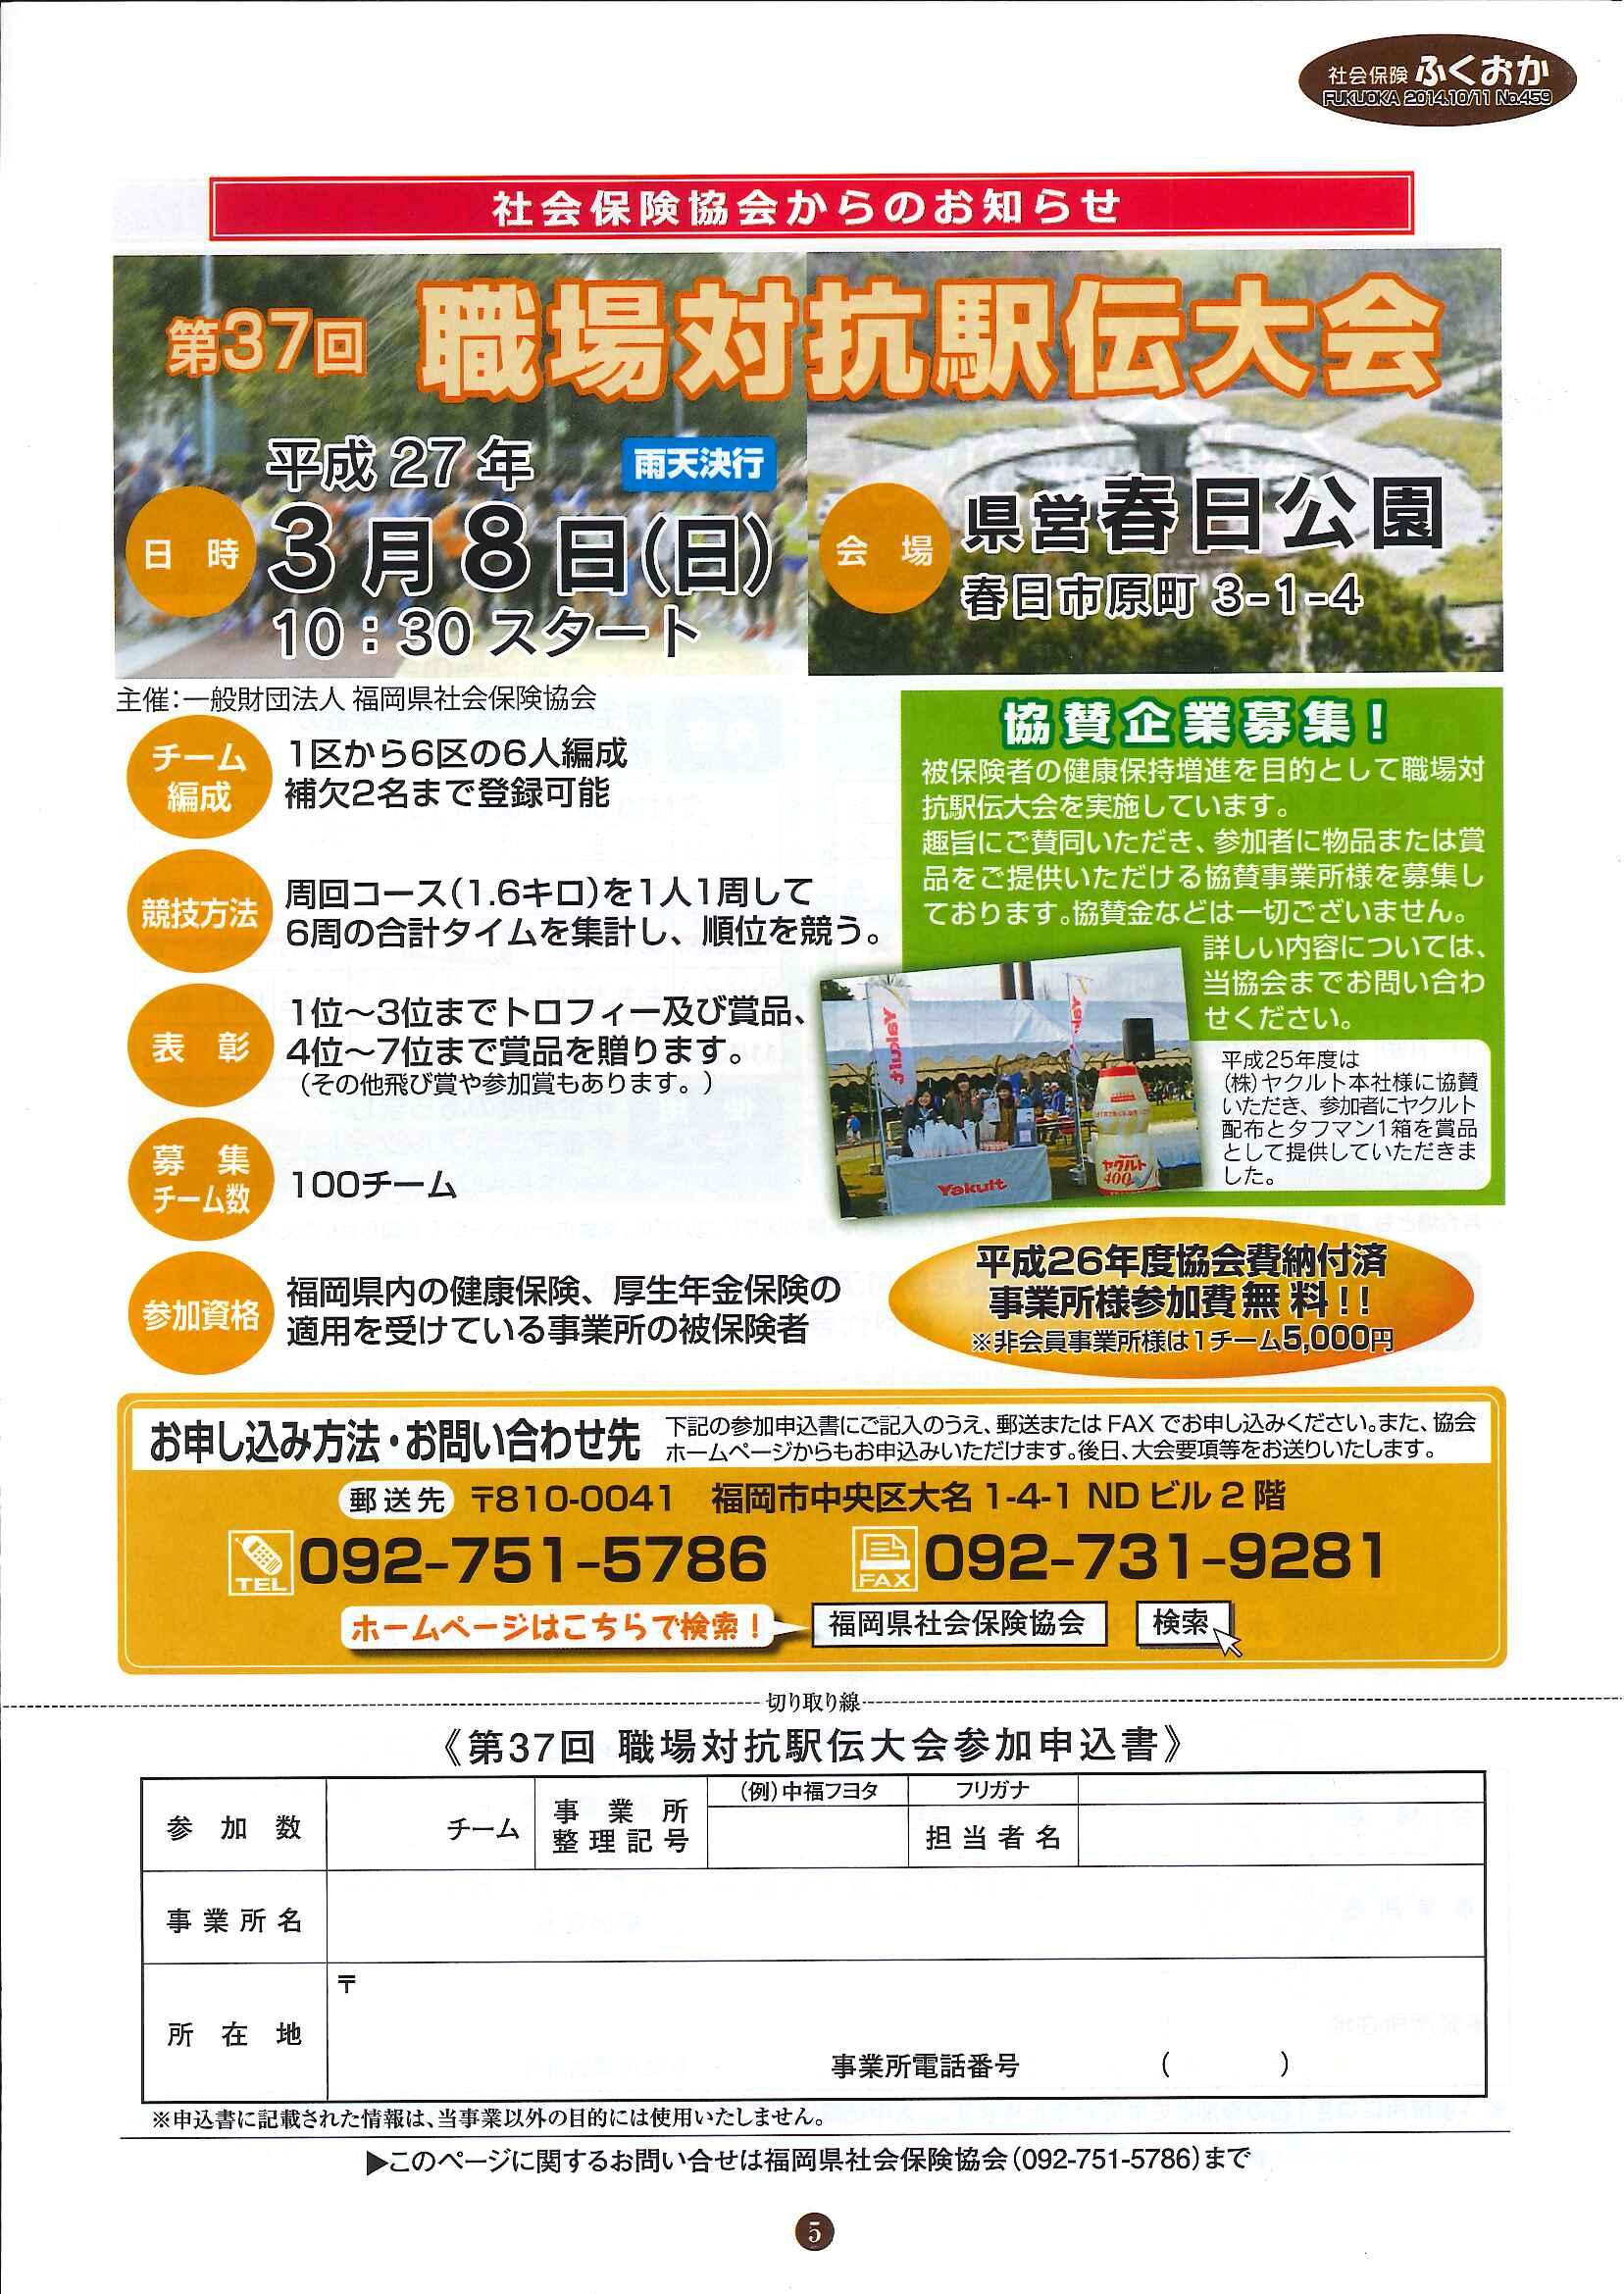 社会保険 「ふくおか」 2014年10・11月号_f0120774_1459447.jpg